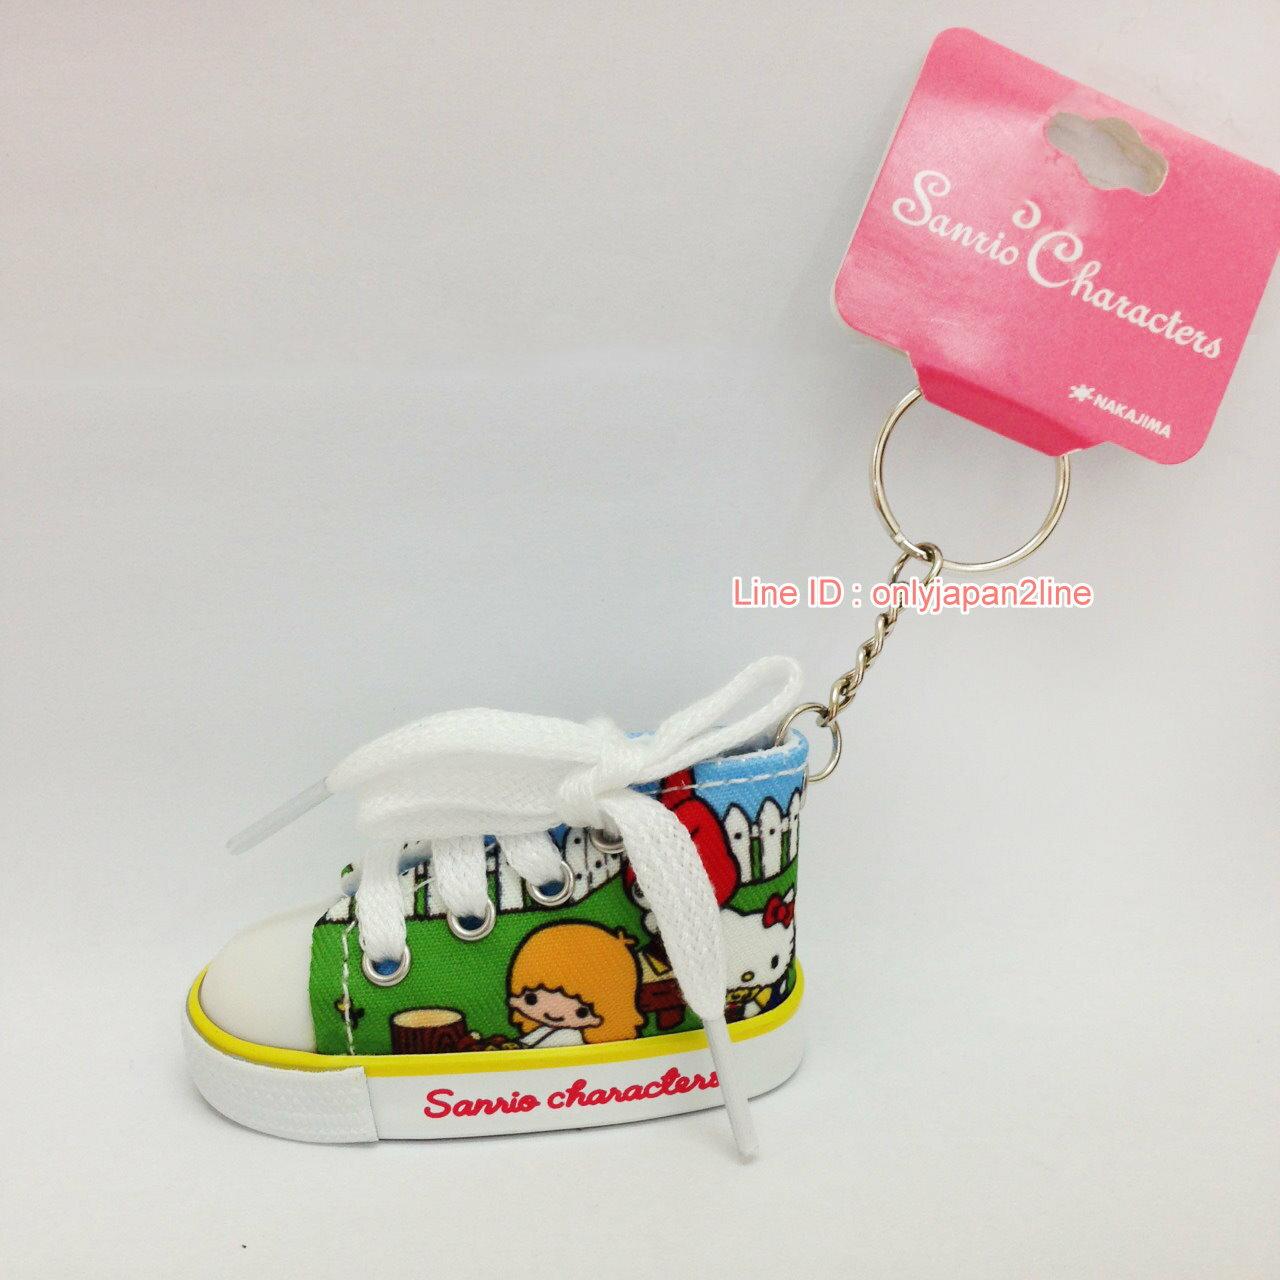 【真愛日本】17022100050迷你帆布鞋鎖圈-MX70年代庭院藍    三麗鷗 Hello Kitty 凱蒂貓   鑰匙圈 鎖圈 吊飾